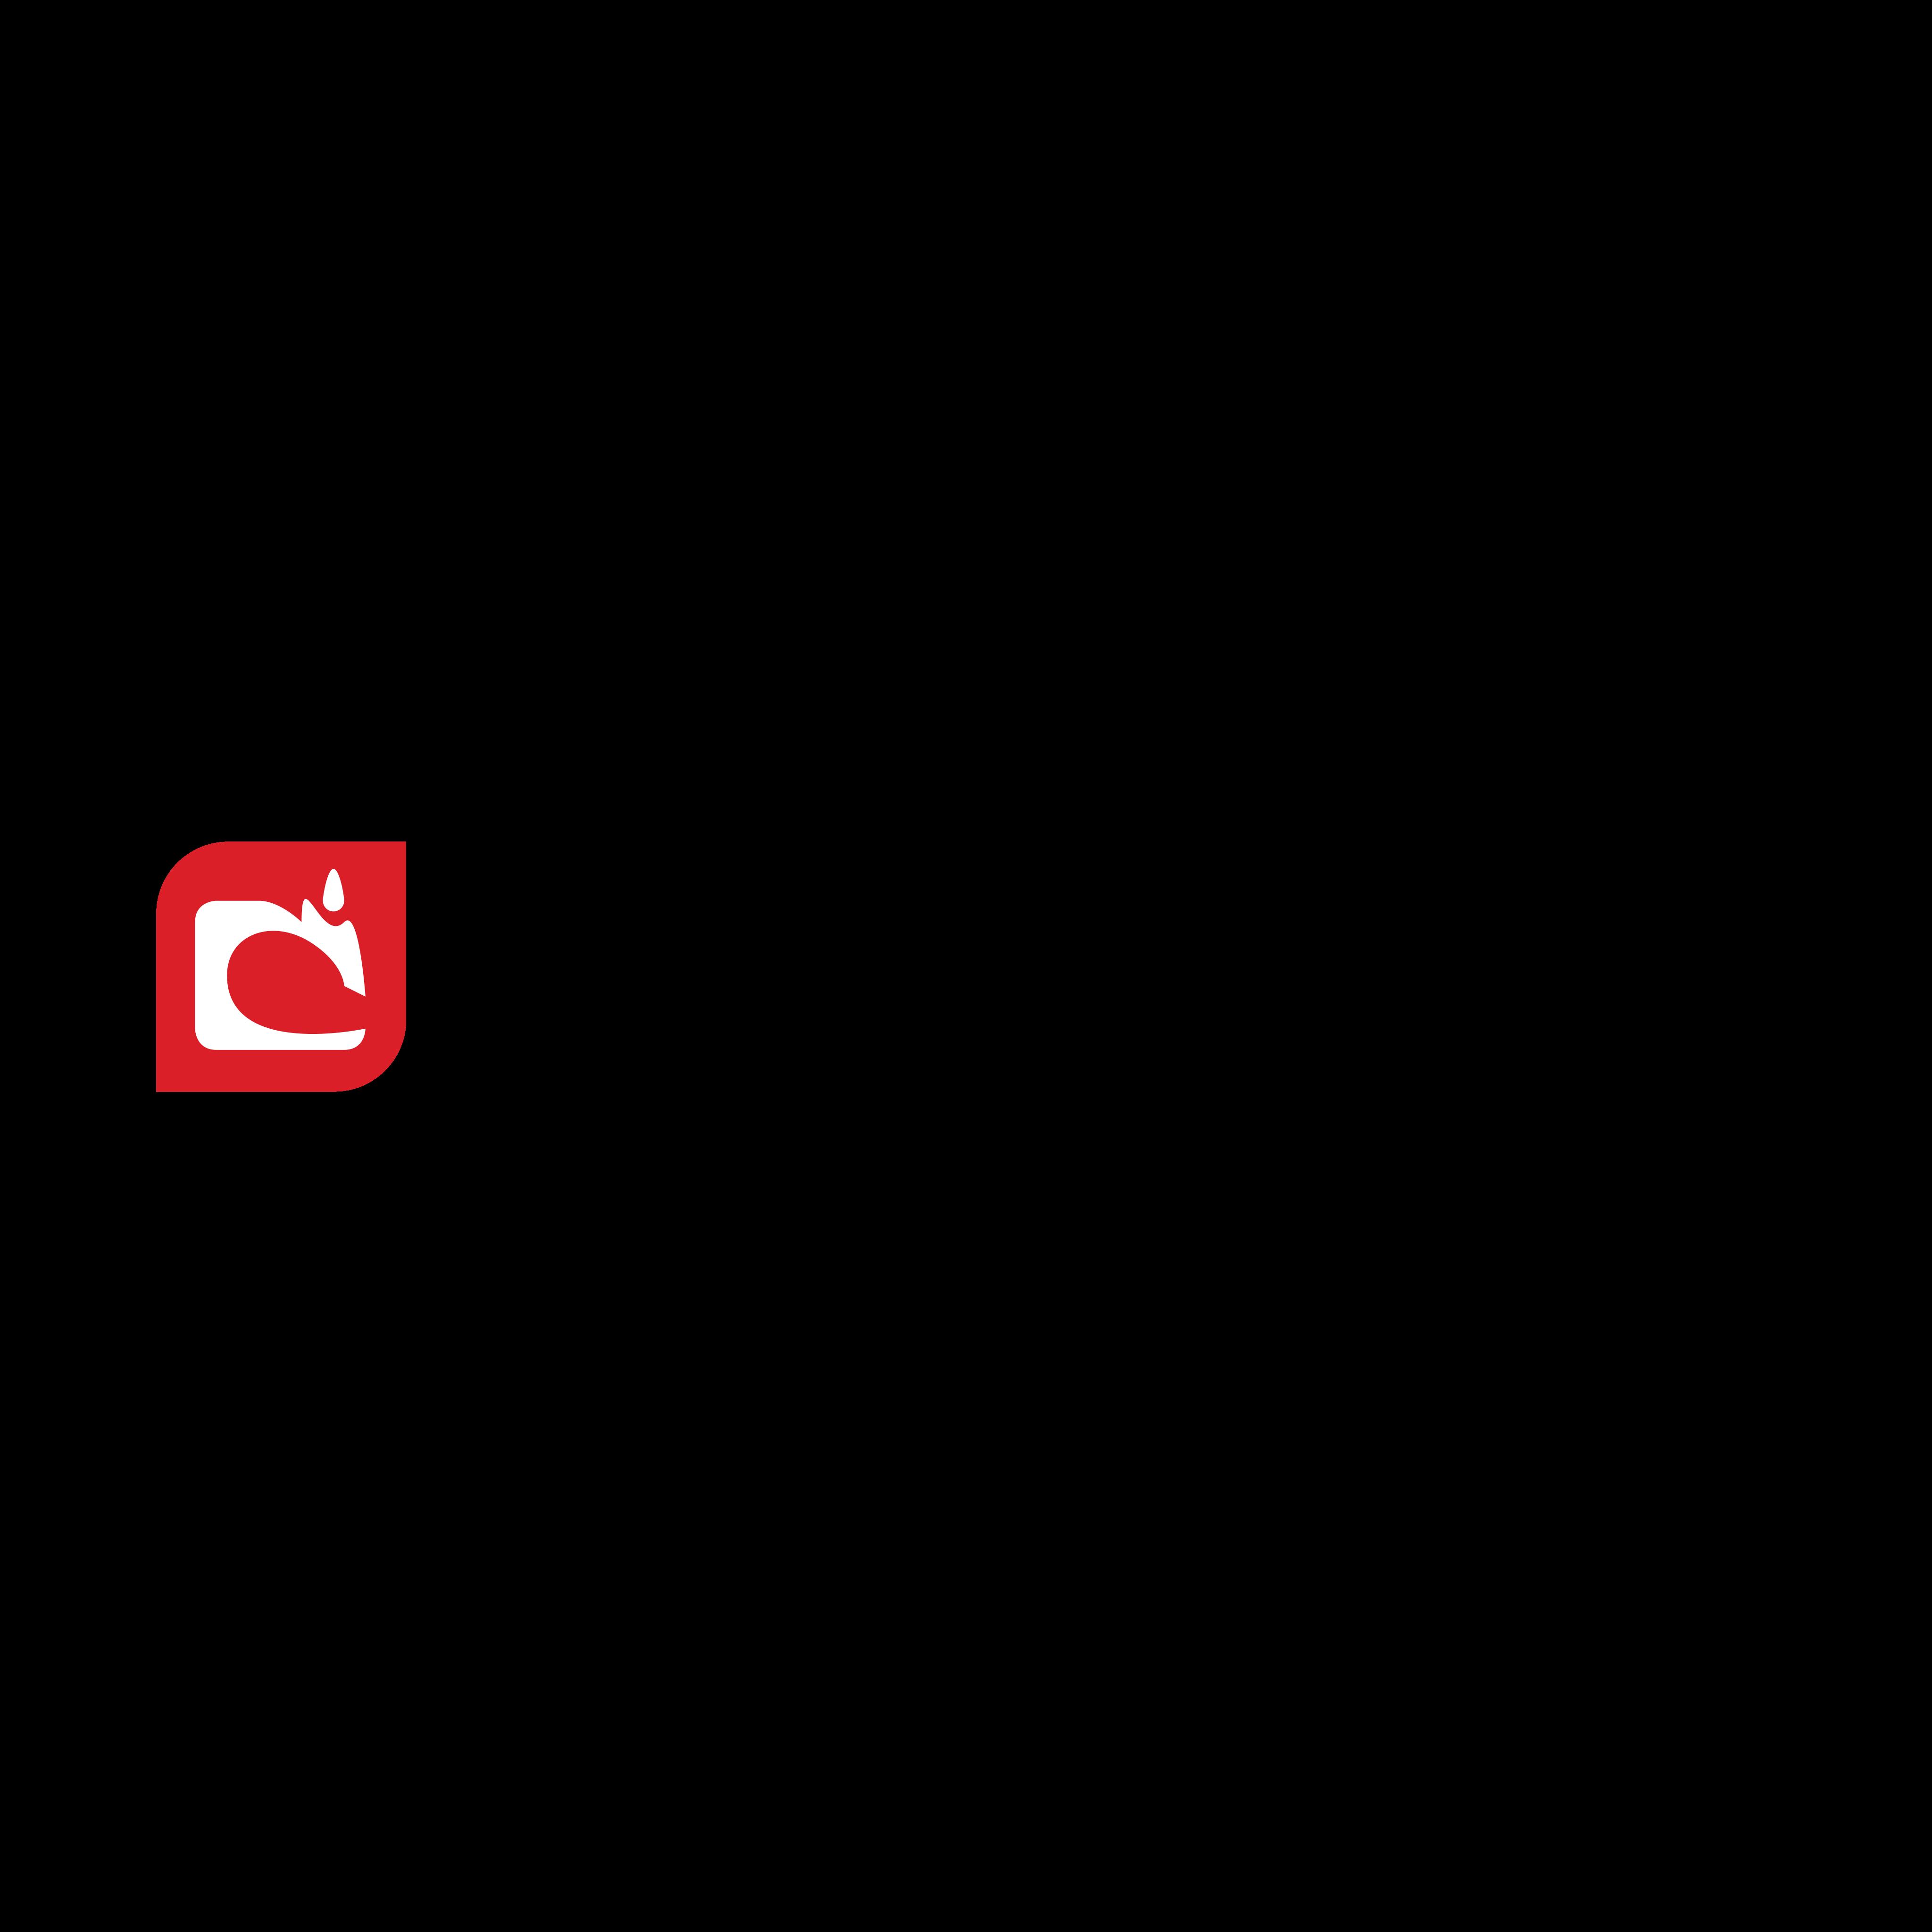 mojang logo 0 - Mojang Logo